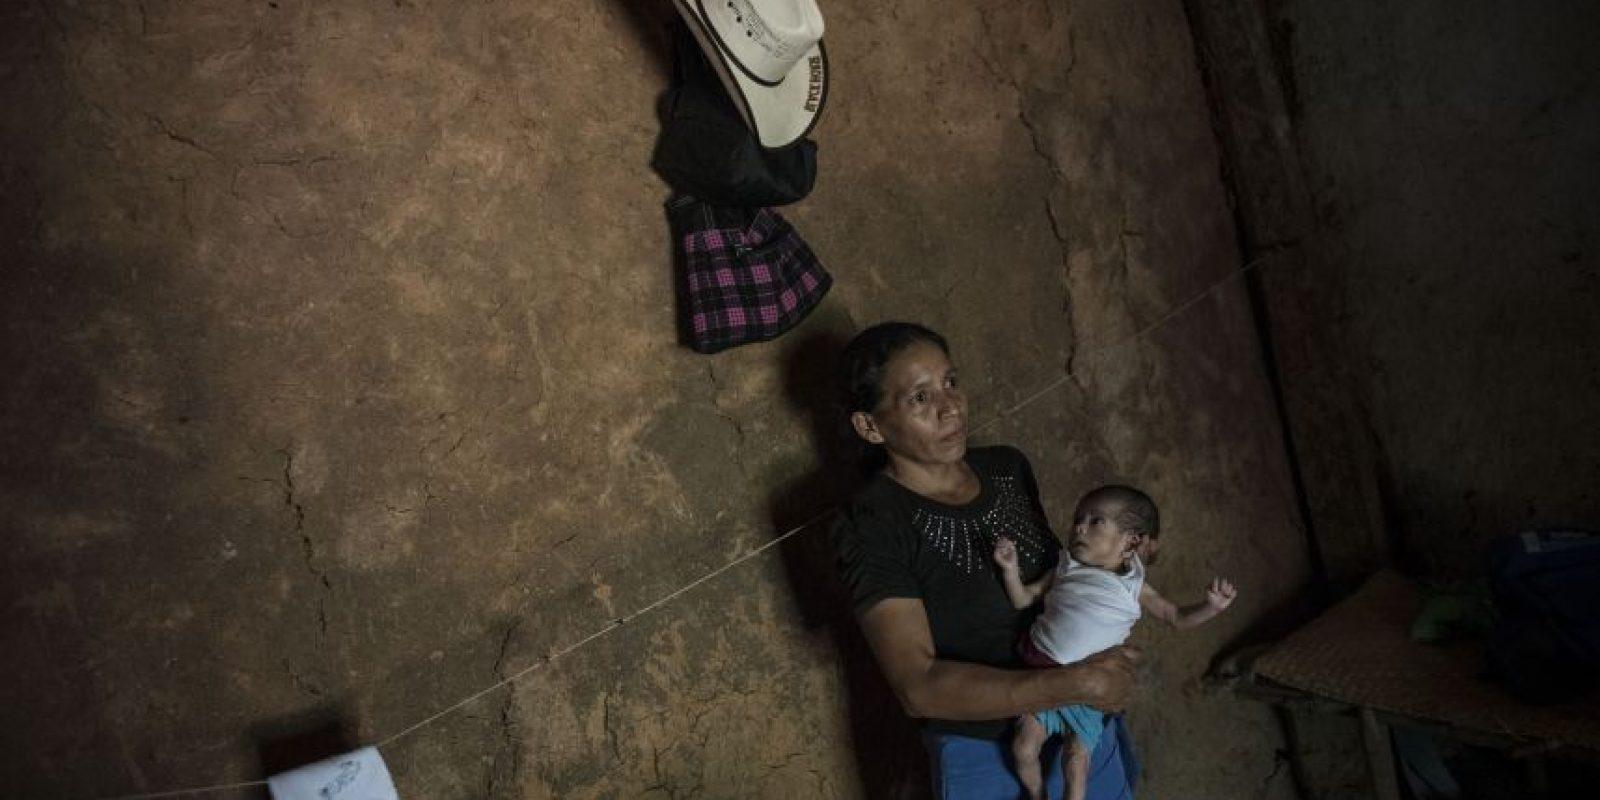 María Raquel no ha sido llevada al Centro de Recuperación Nutricional, como se recomendó en el puesto de salud Foto:Oliver de Ros